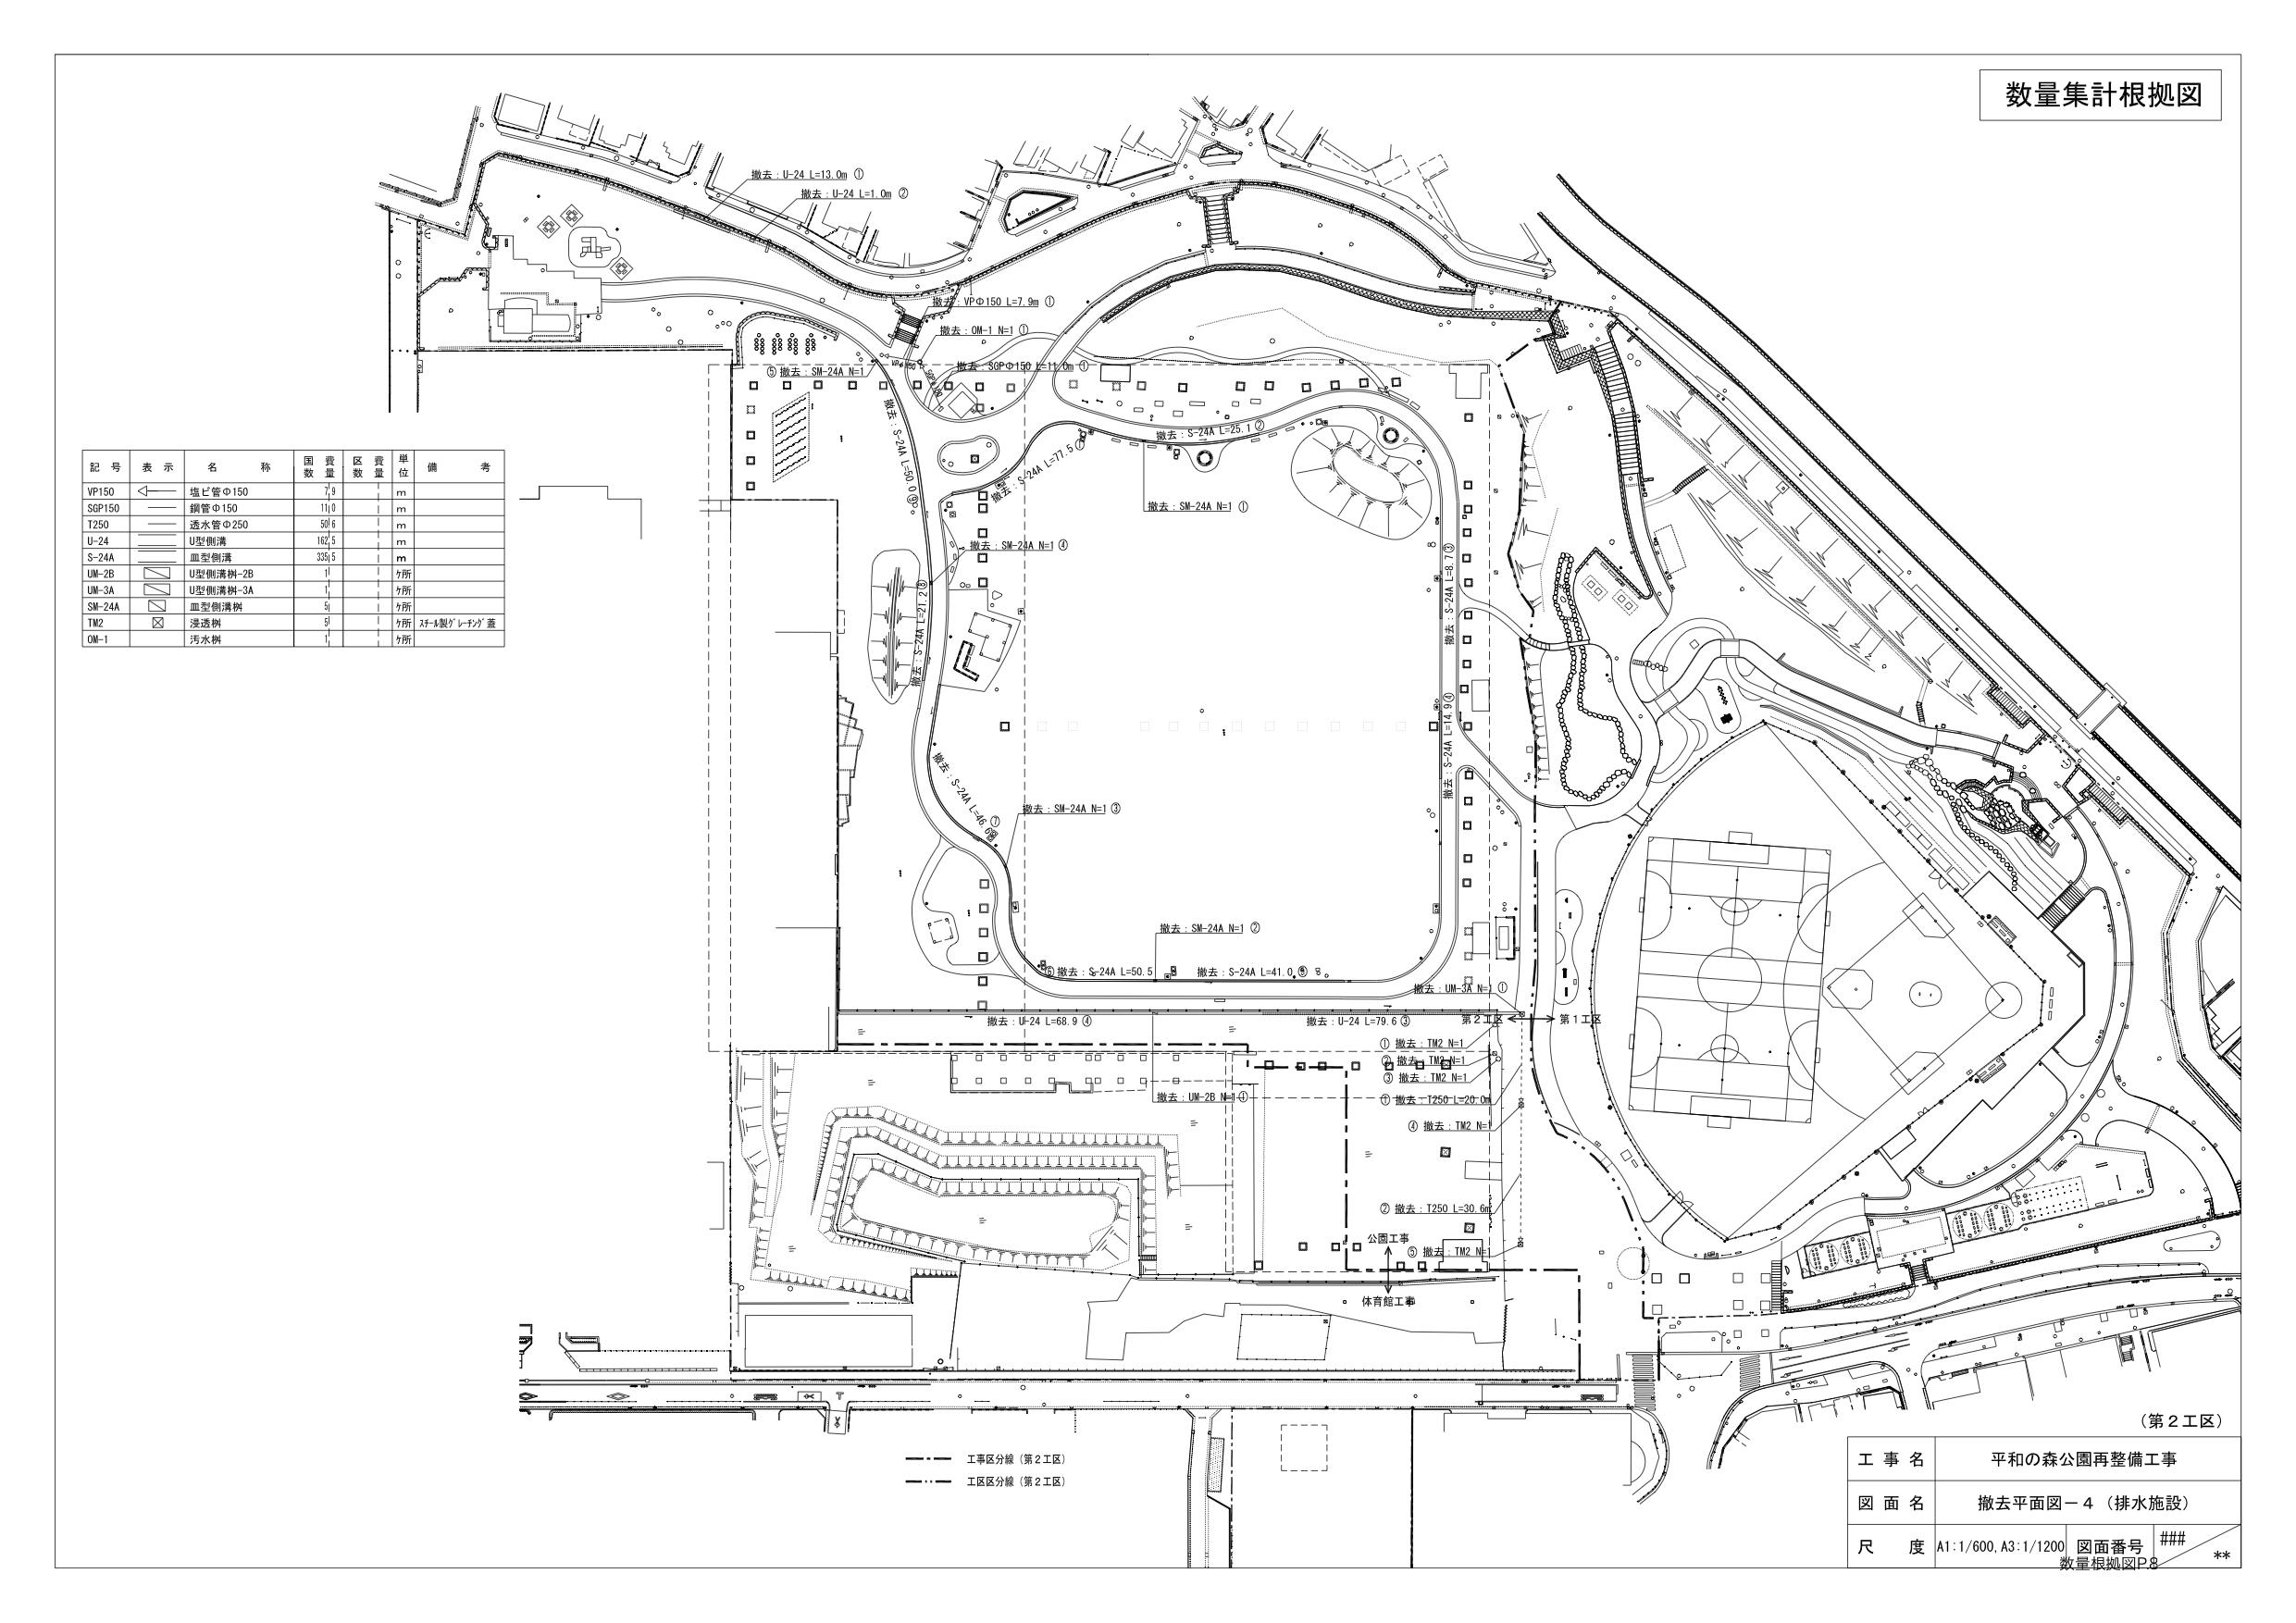 撤去平面図ー4(排水施設)